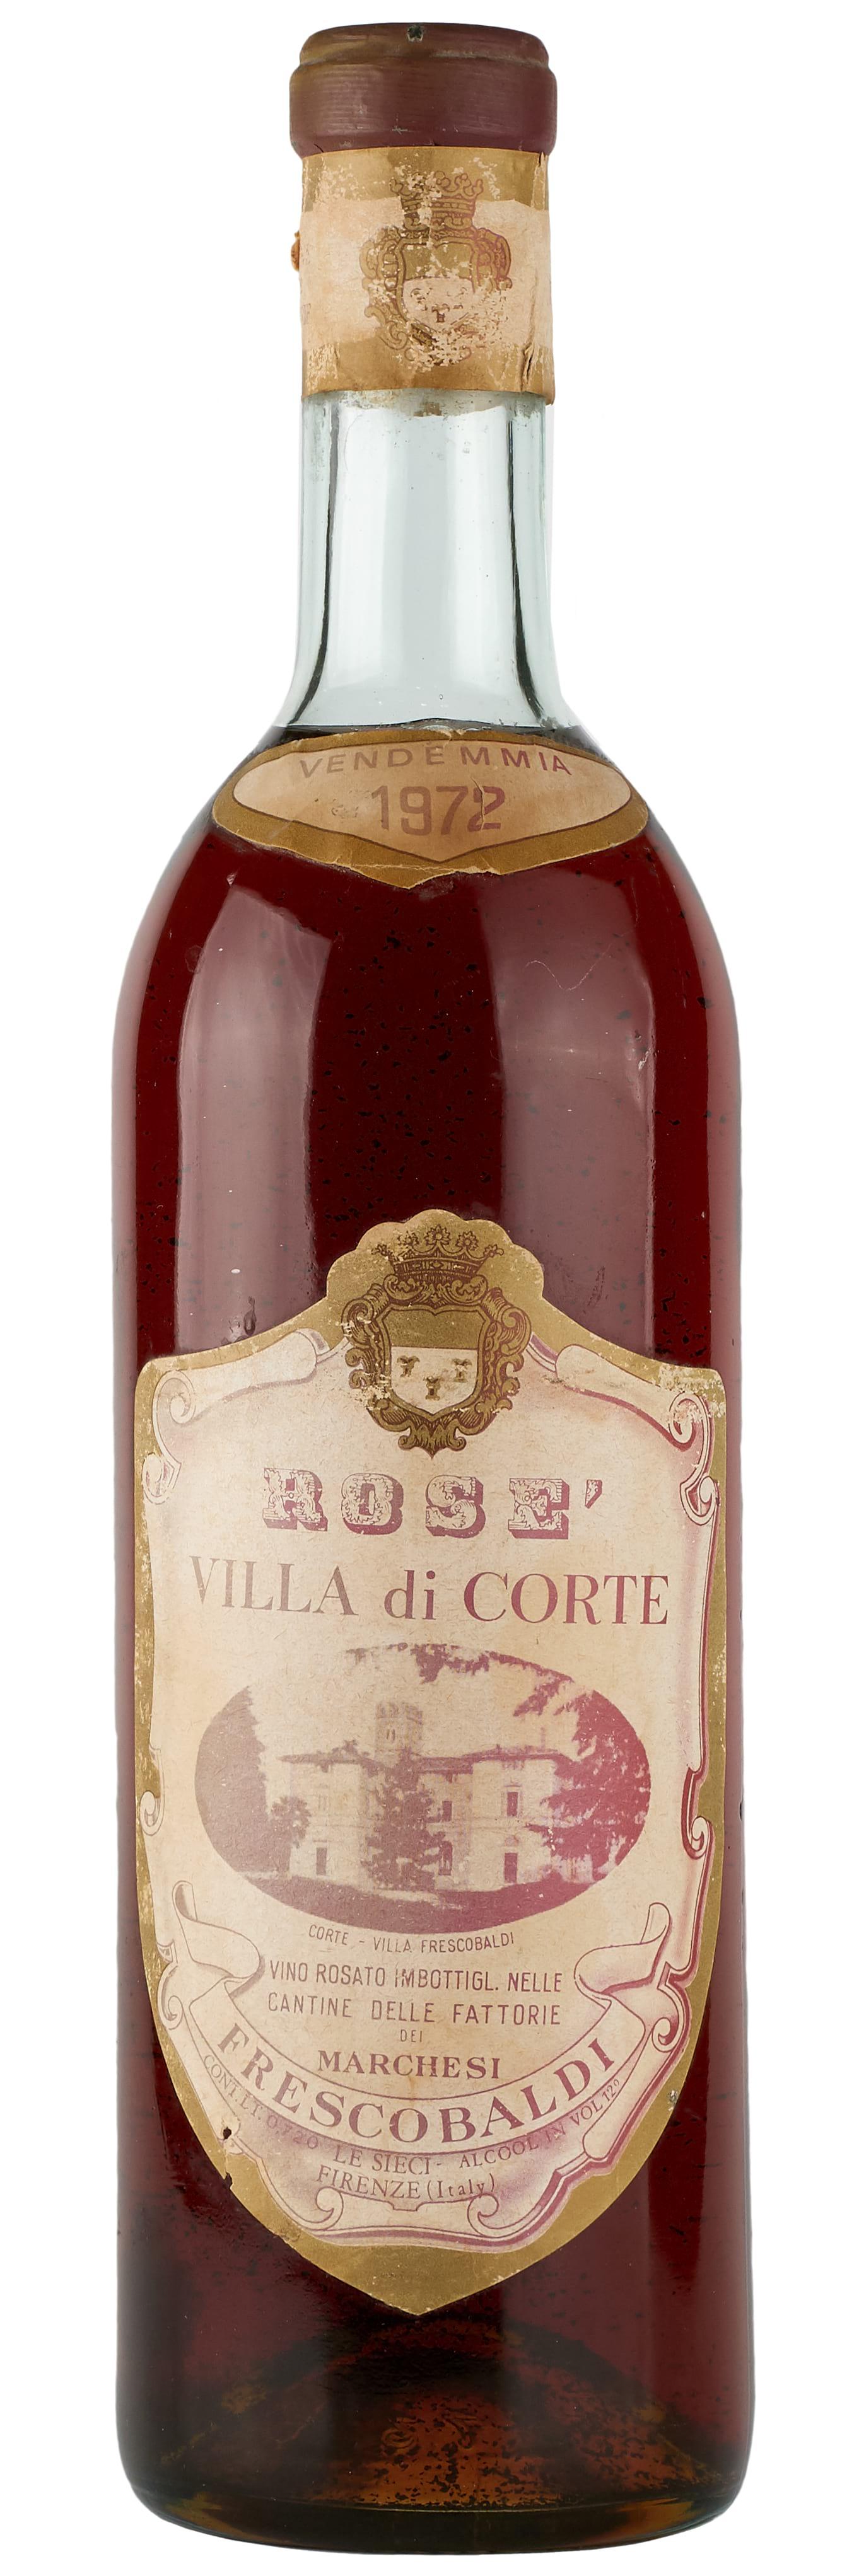 1972 Marchesi de' Frescobaldi Villa Di Corte Rose фото